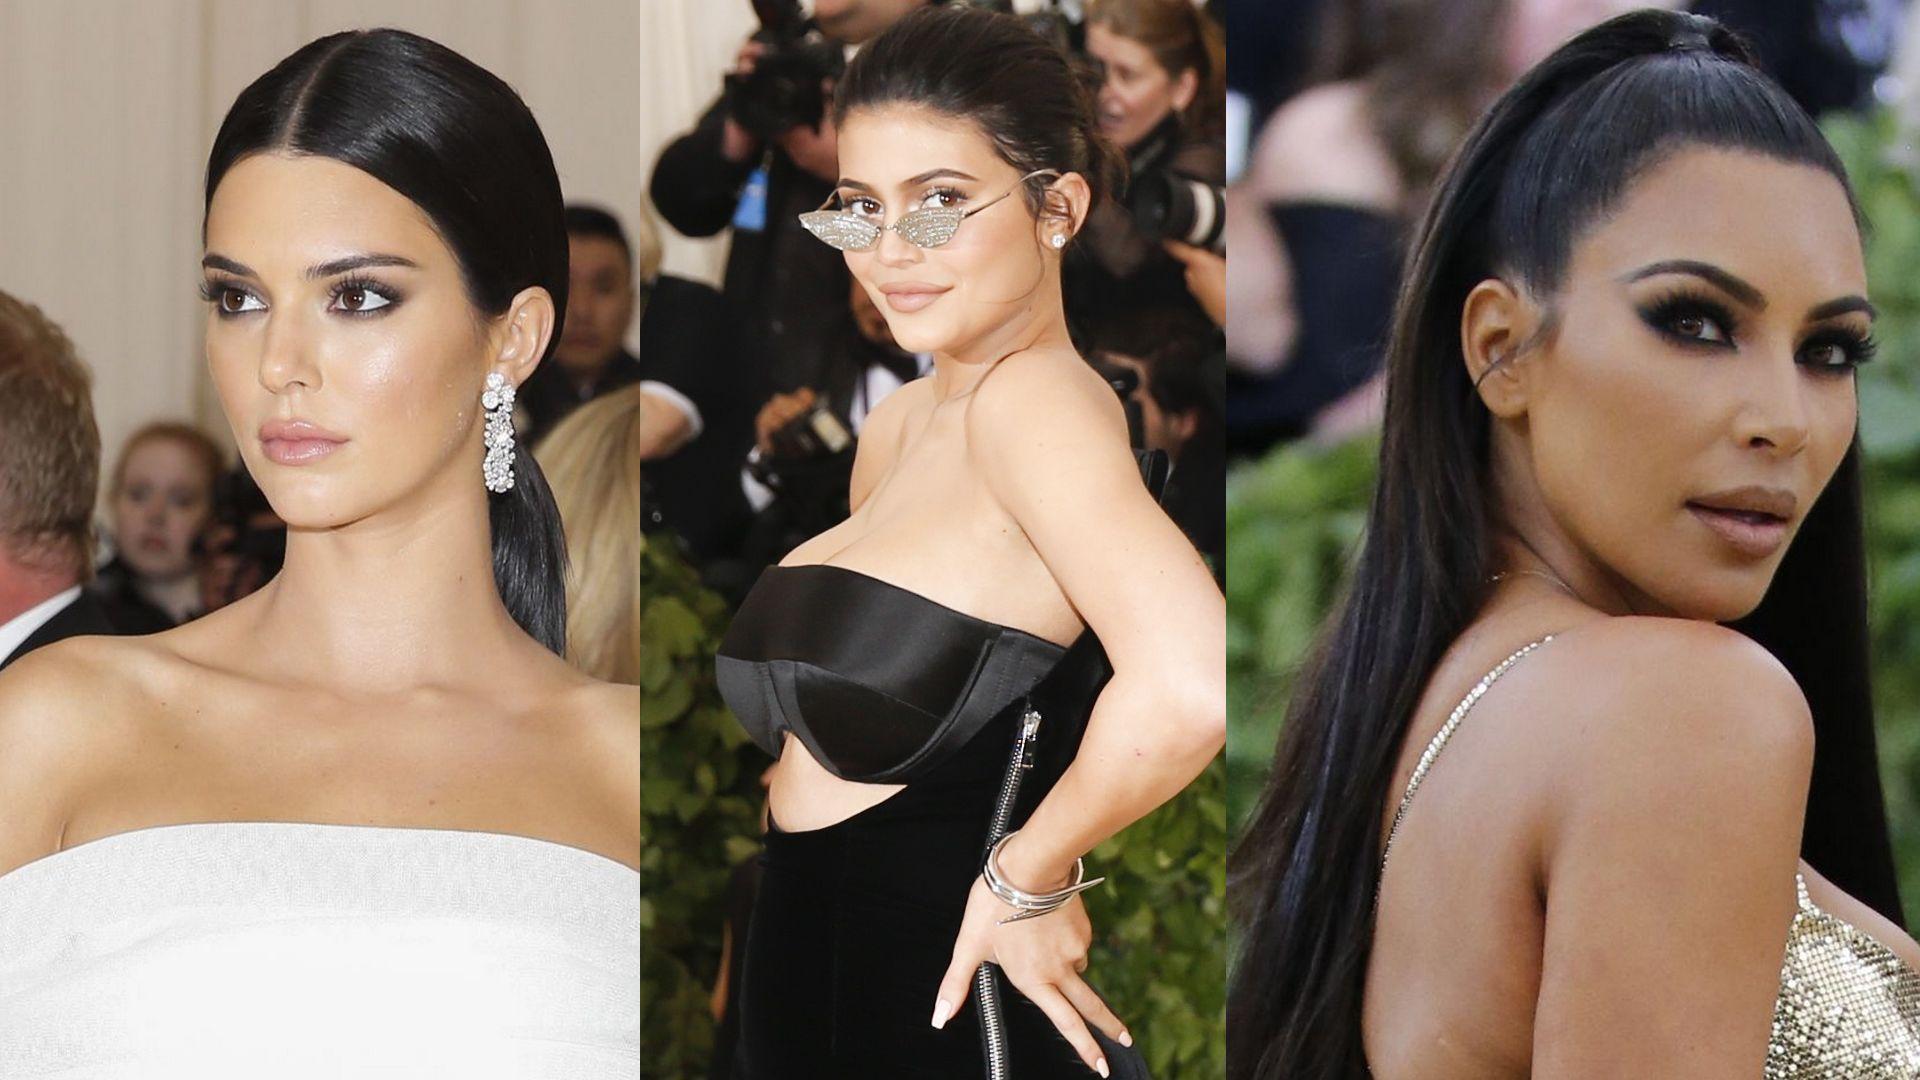 Kardashianki met gala 2018